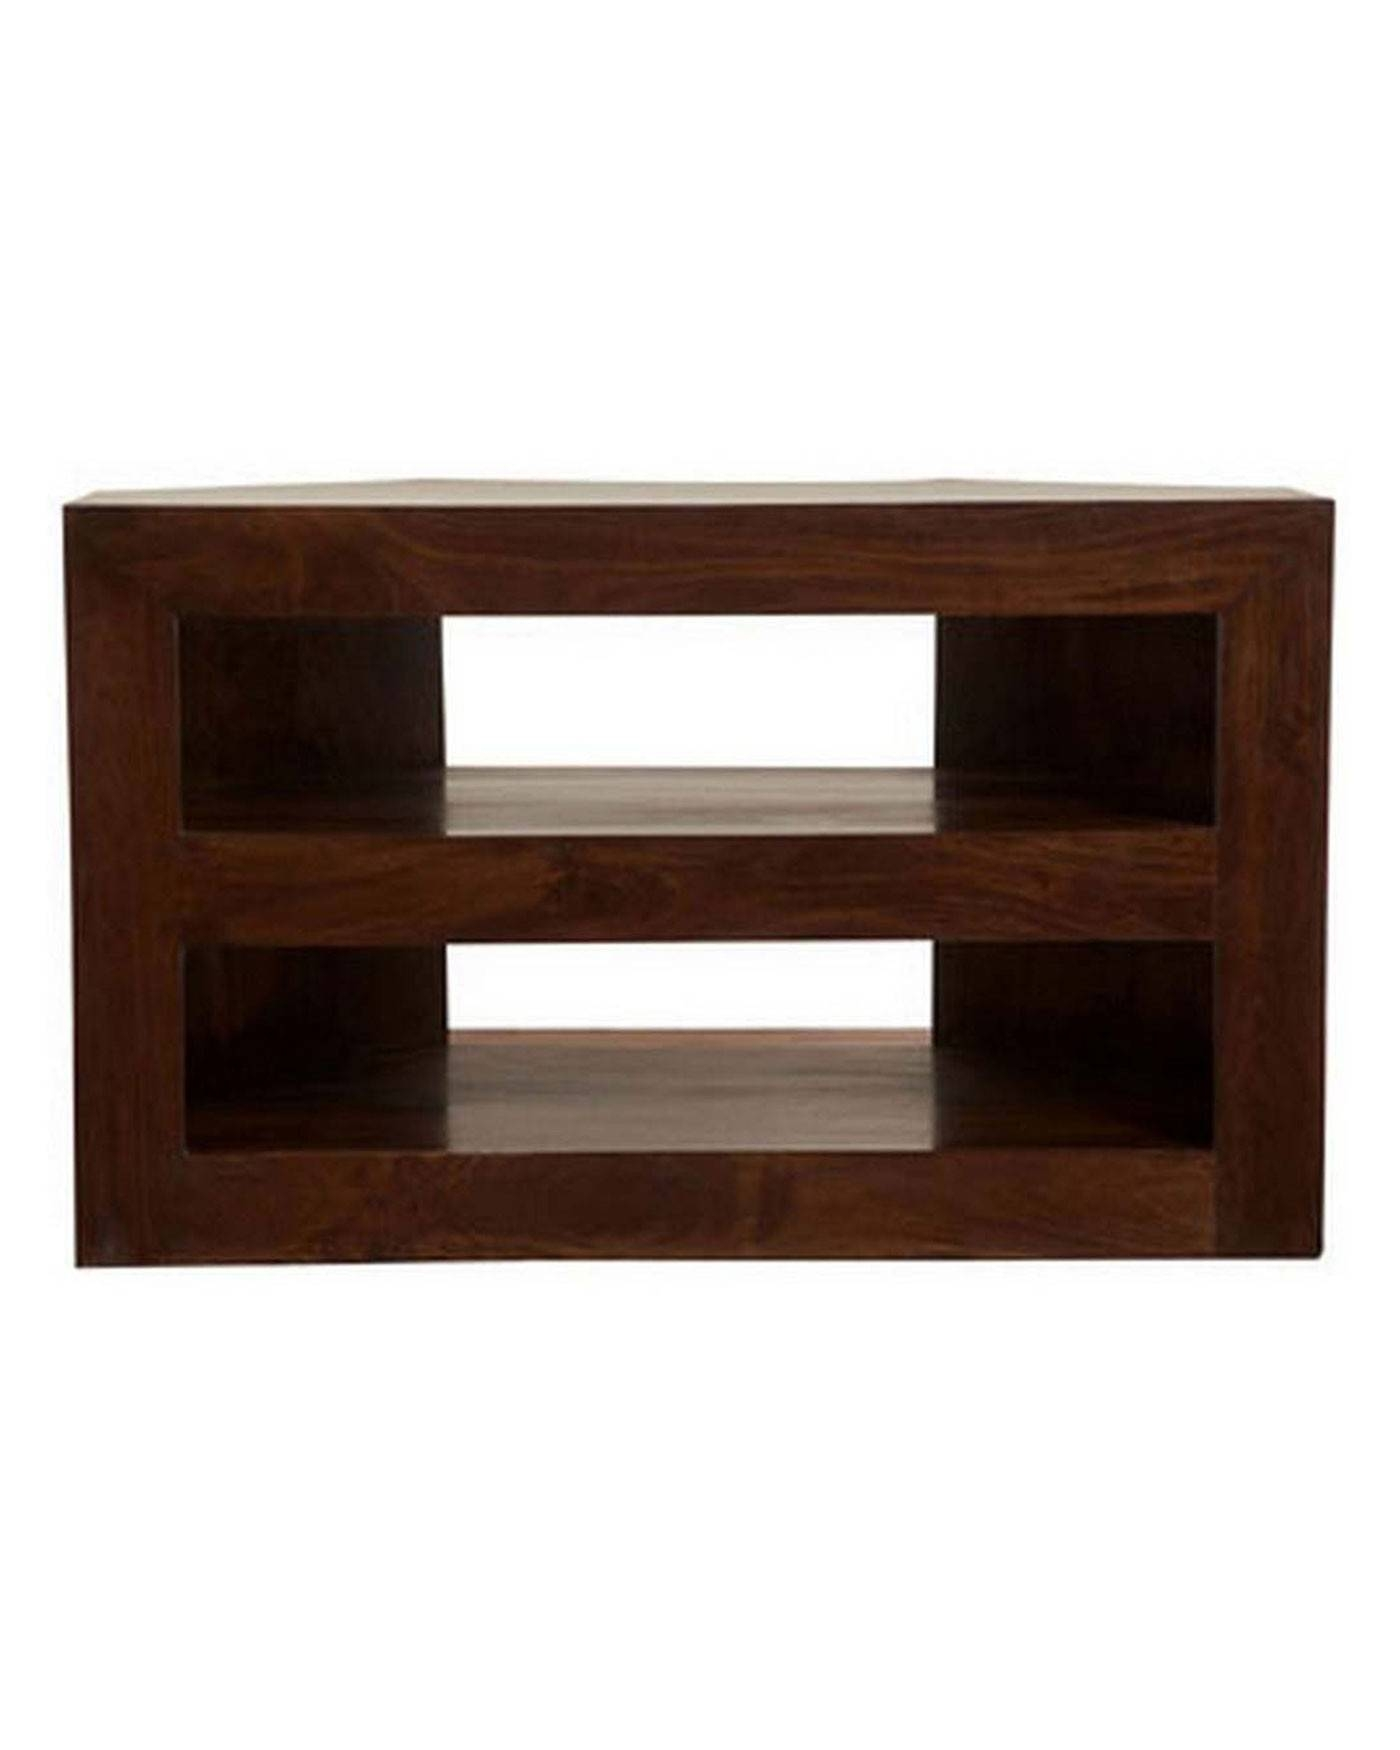 Wooden Tv Stands | Dark Wood Corner Tv Unit | Wooden Tv Cabinet with regard to Dark Brown Corner Tv Stands (Image 15 of 15)